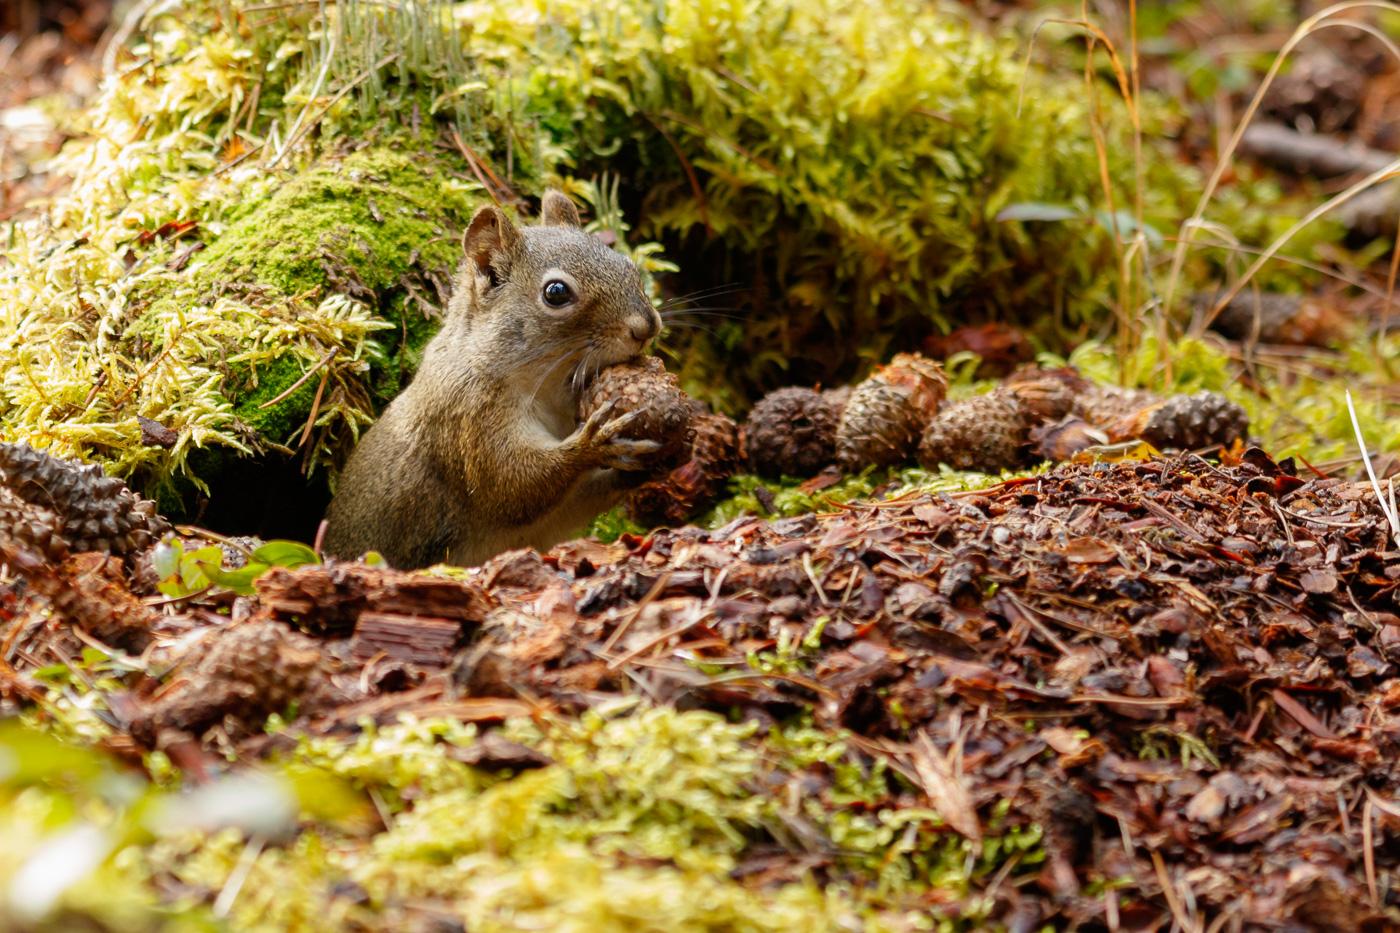 Red Squirrel (Tamiasciurus hudsonicus), Jasper National Park, Canada. - Fauna de Nord-Amèrica - Raül Carmona - Fotografia, Fotografia d'estudi, esdeveniments i Natura